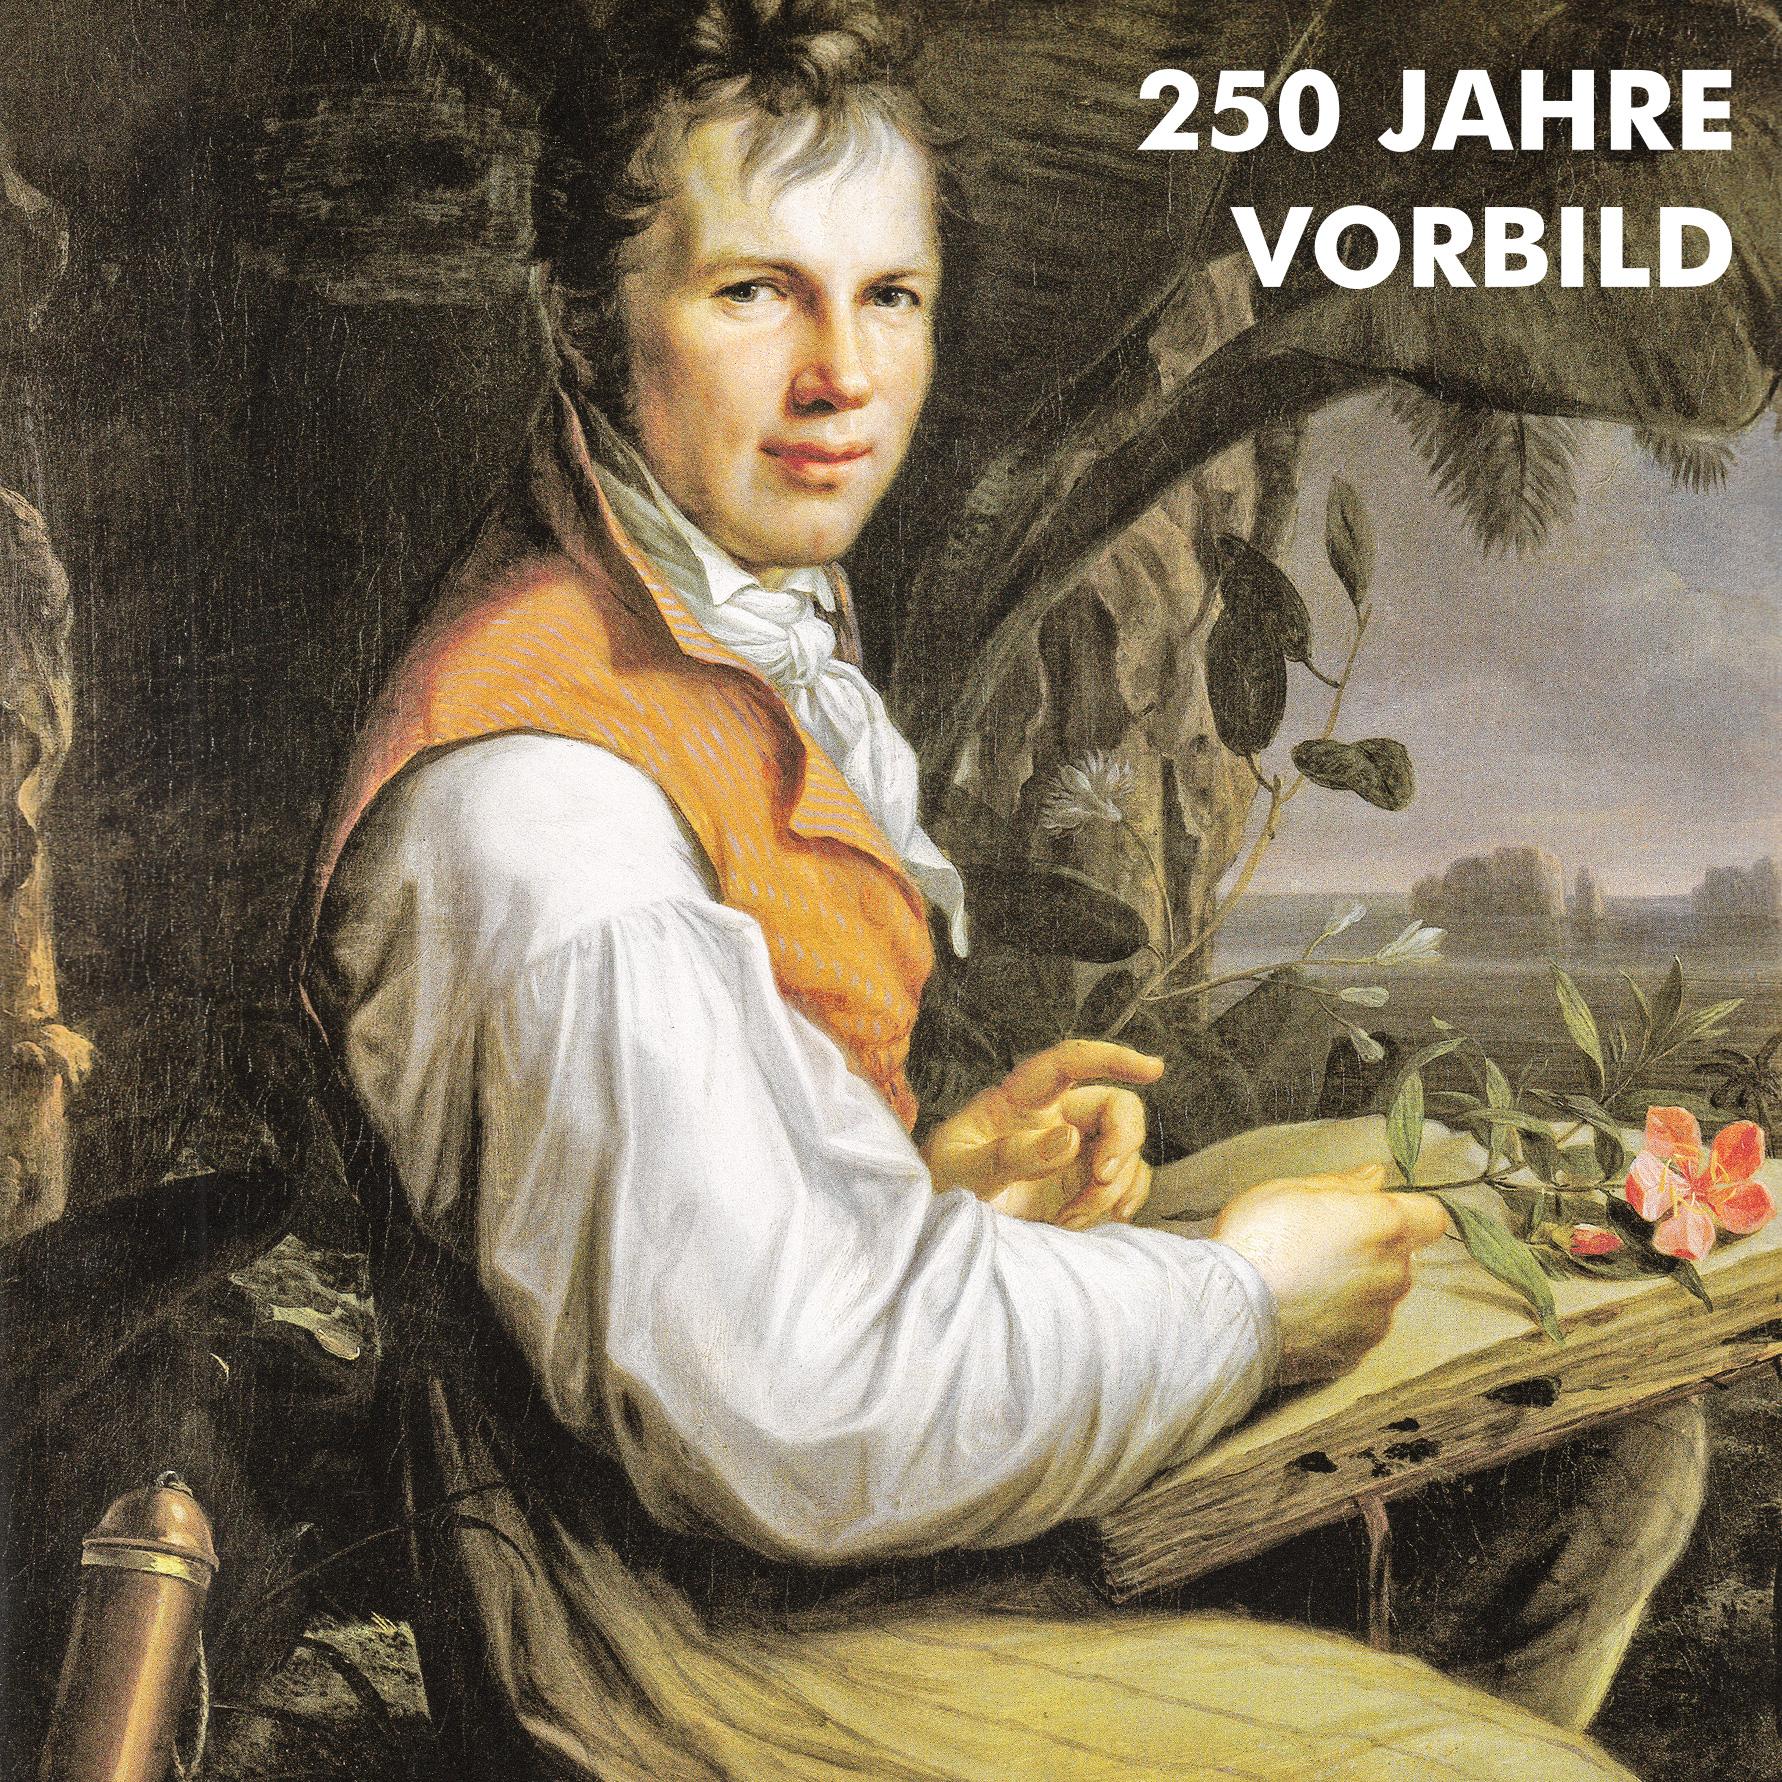 Alexander von Humboldt ein Genie feiert seinen 250. Geburtstag